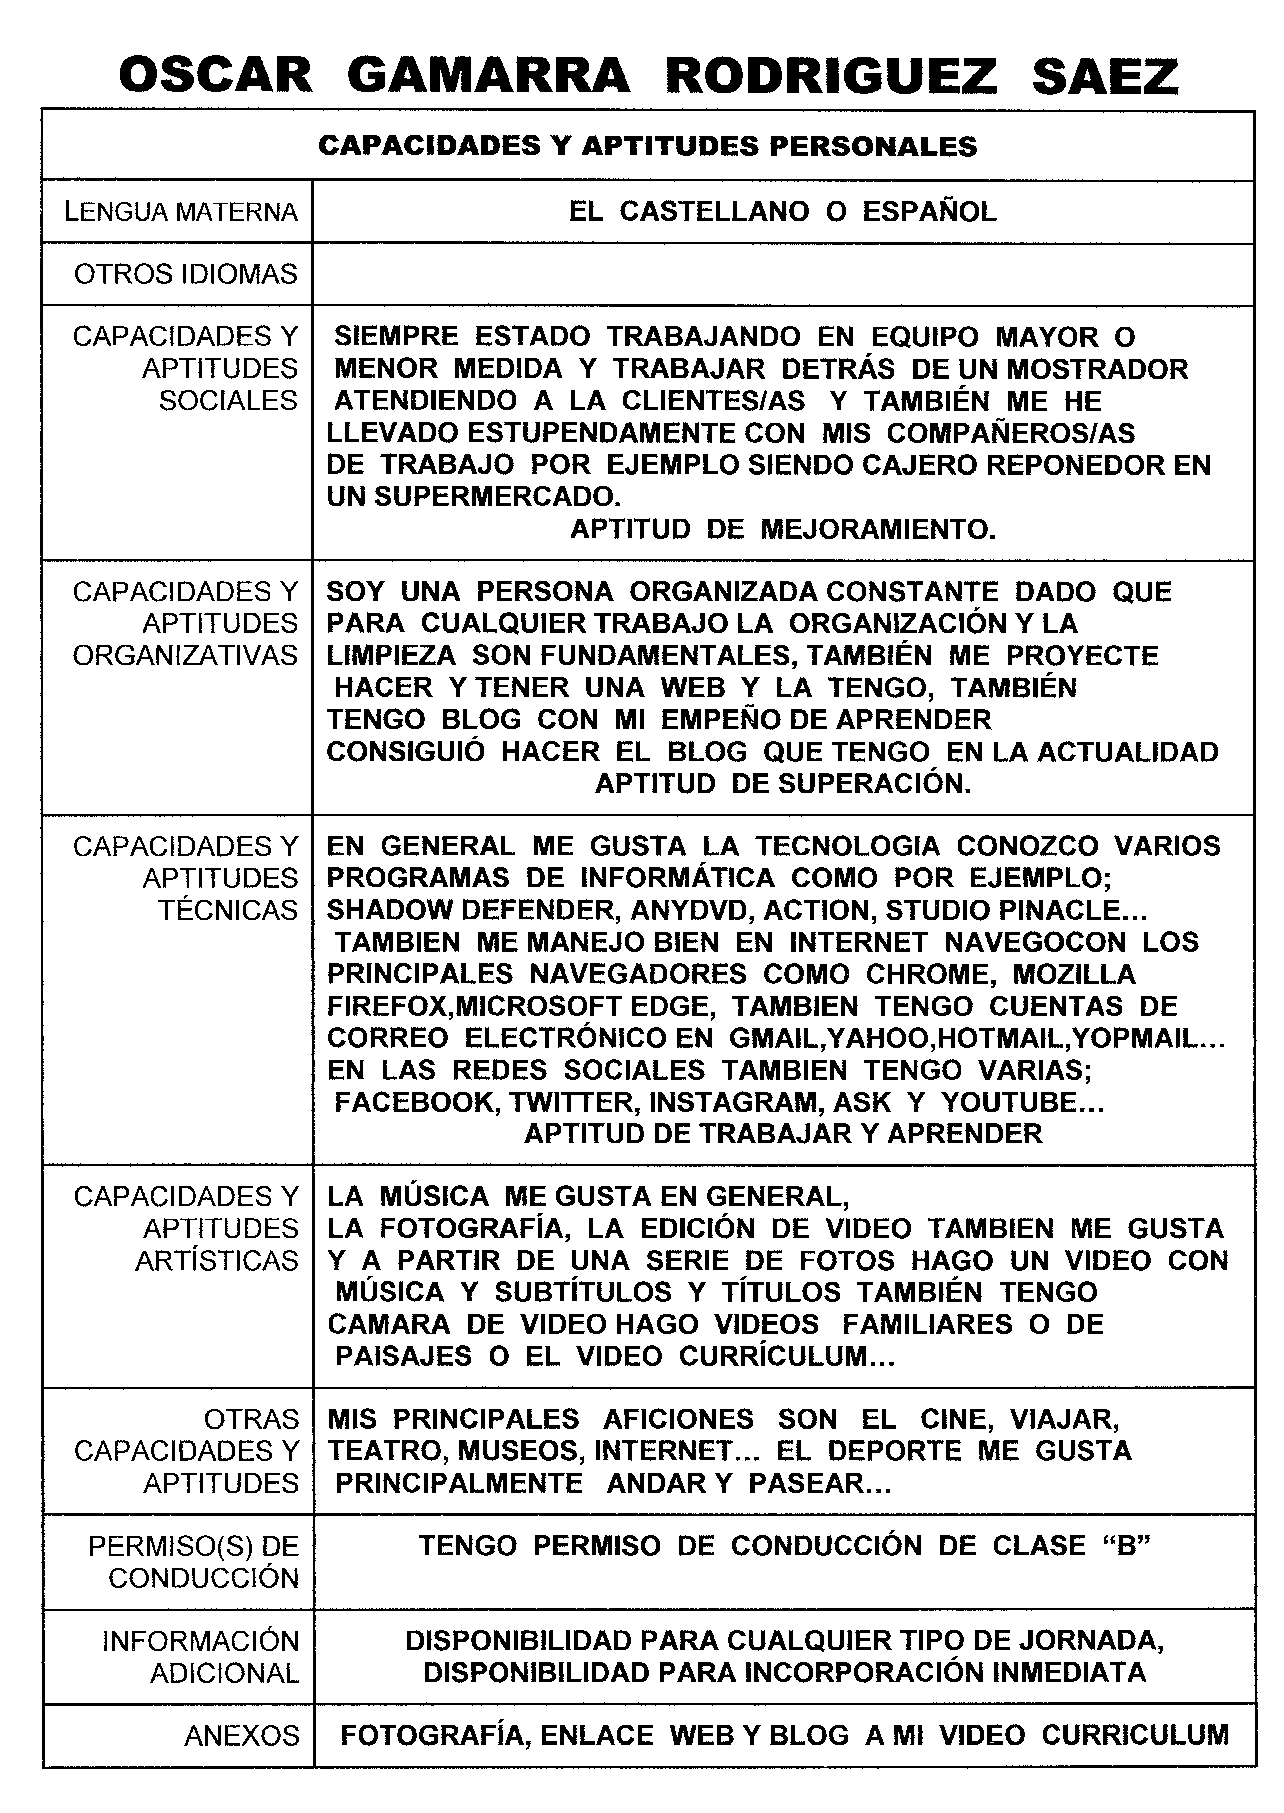 APTITUDES Y CAPACIDADES DE OSCAR GMARRA RODRIGUEZ